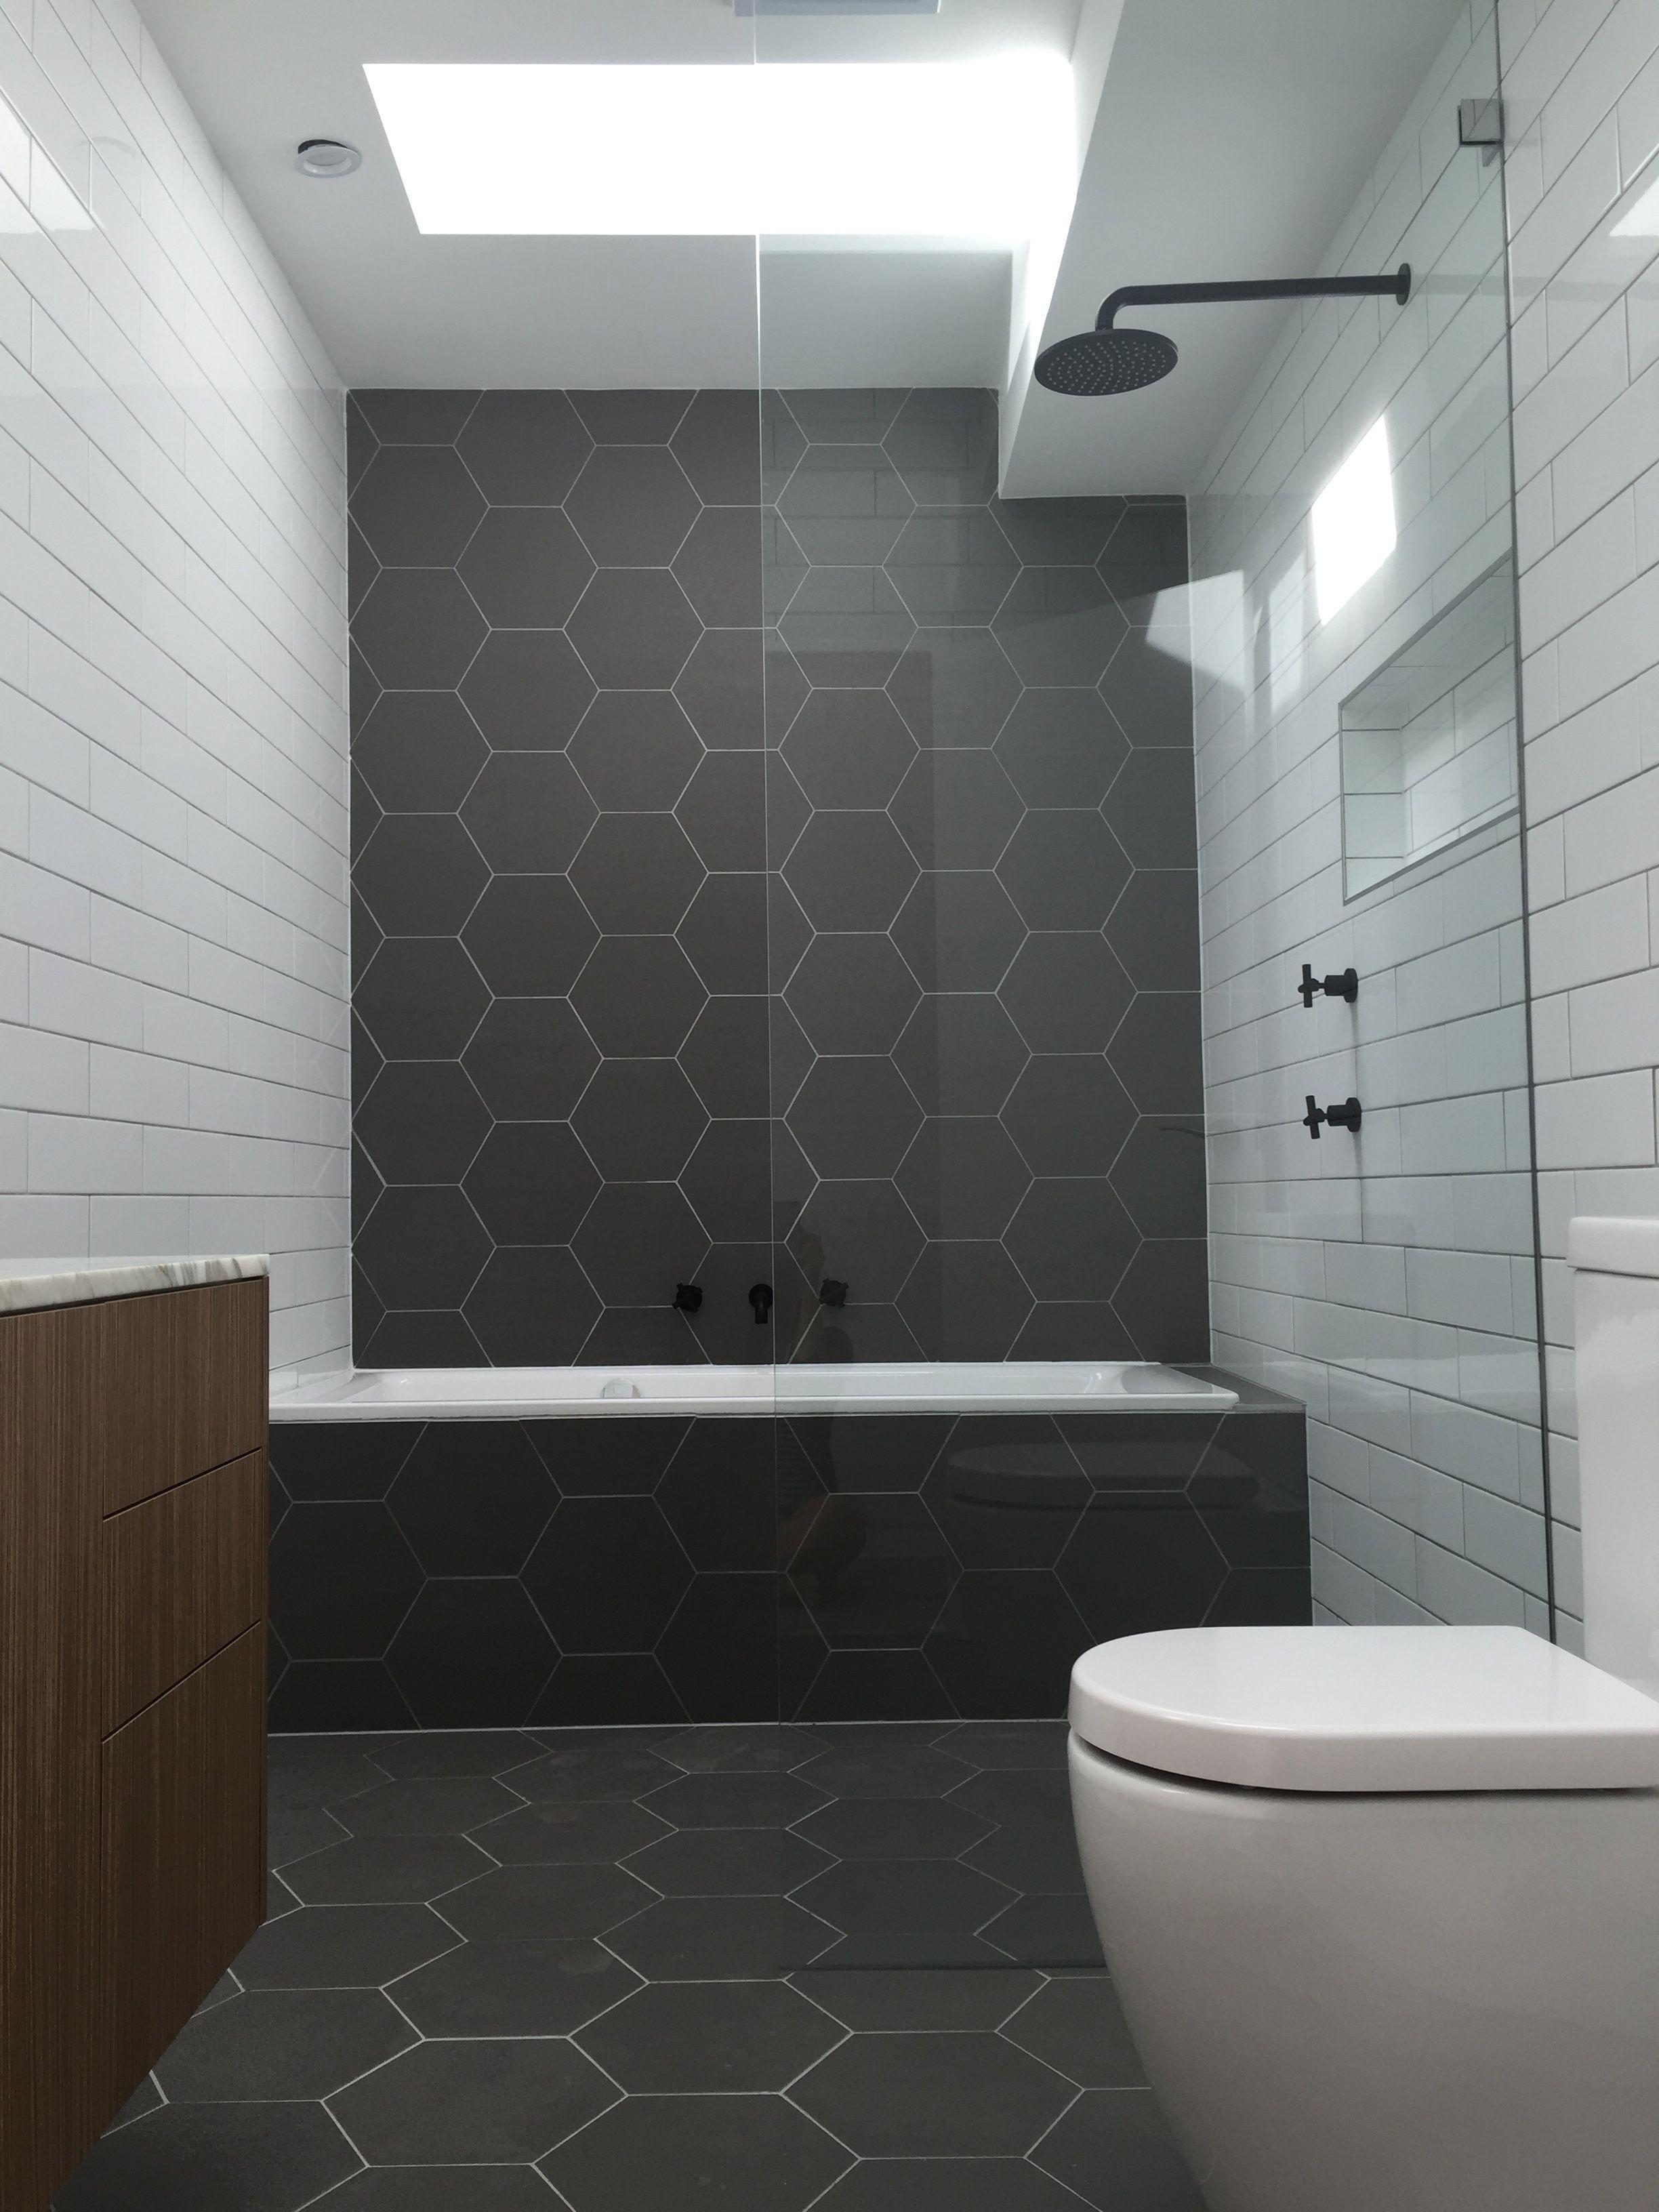 Hexagonal Tiles Monochrome Bathroom Matt Black Fittings Natural